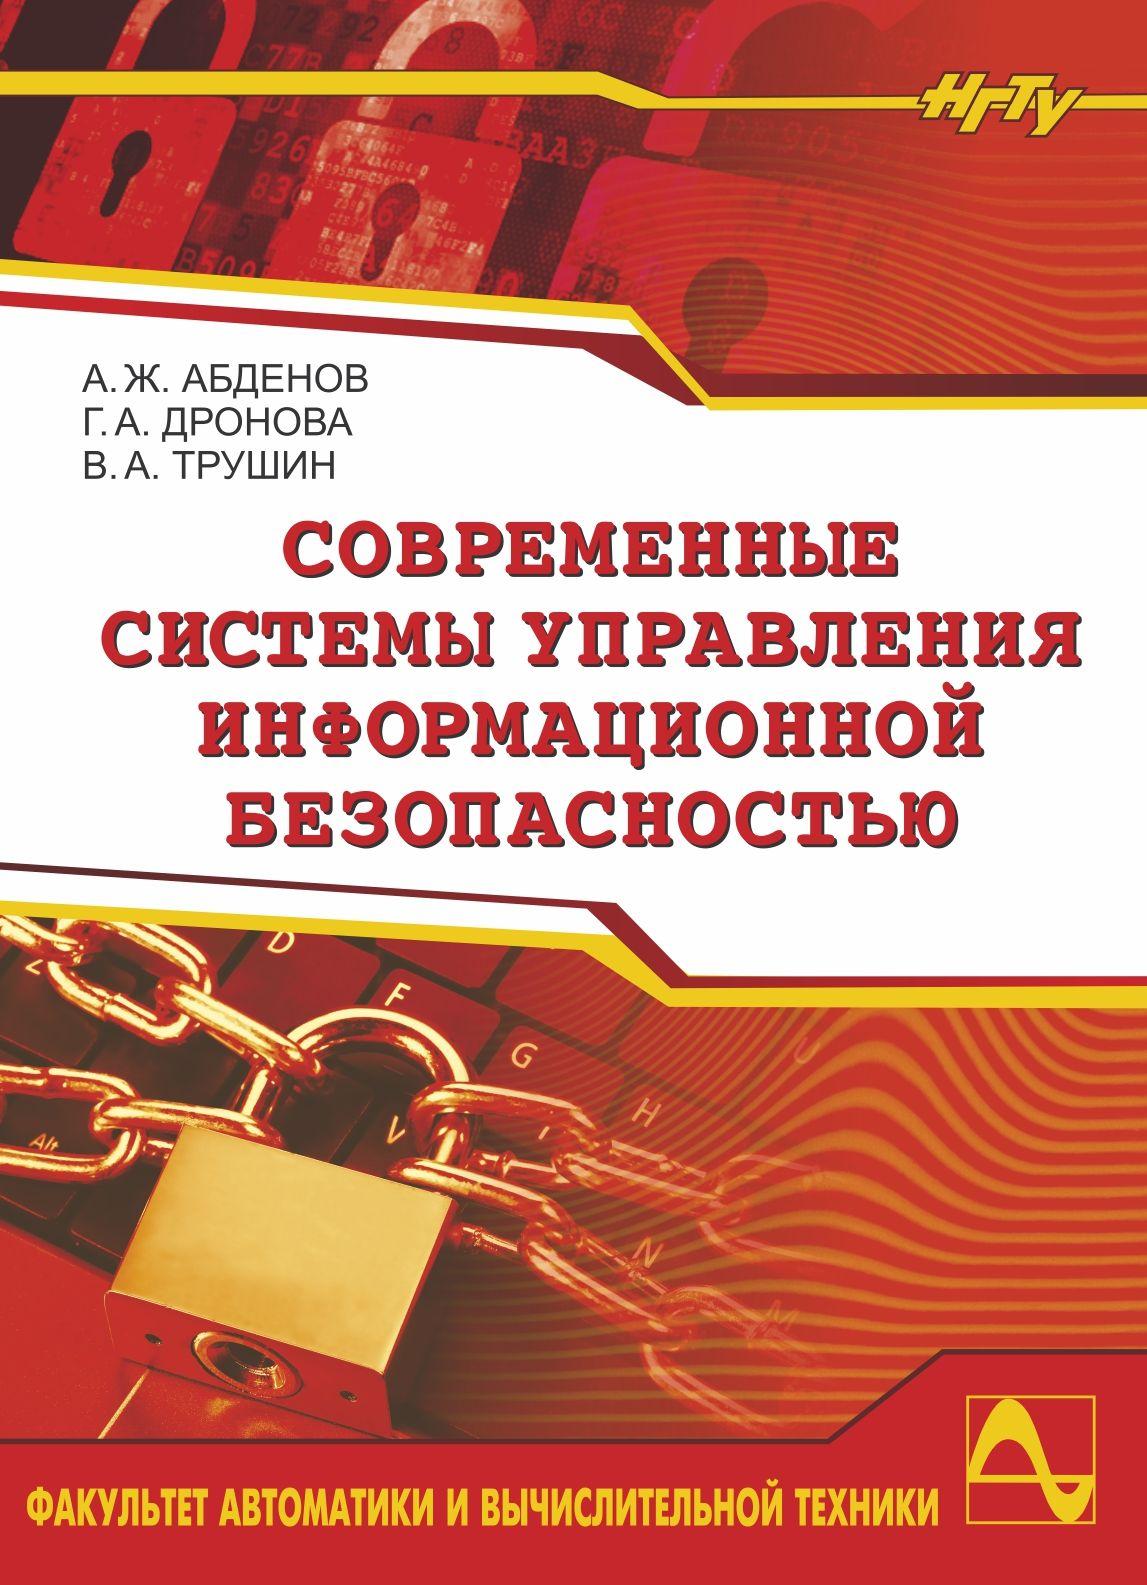 Амирза Абденов Современные системы управления информационной безопасностью